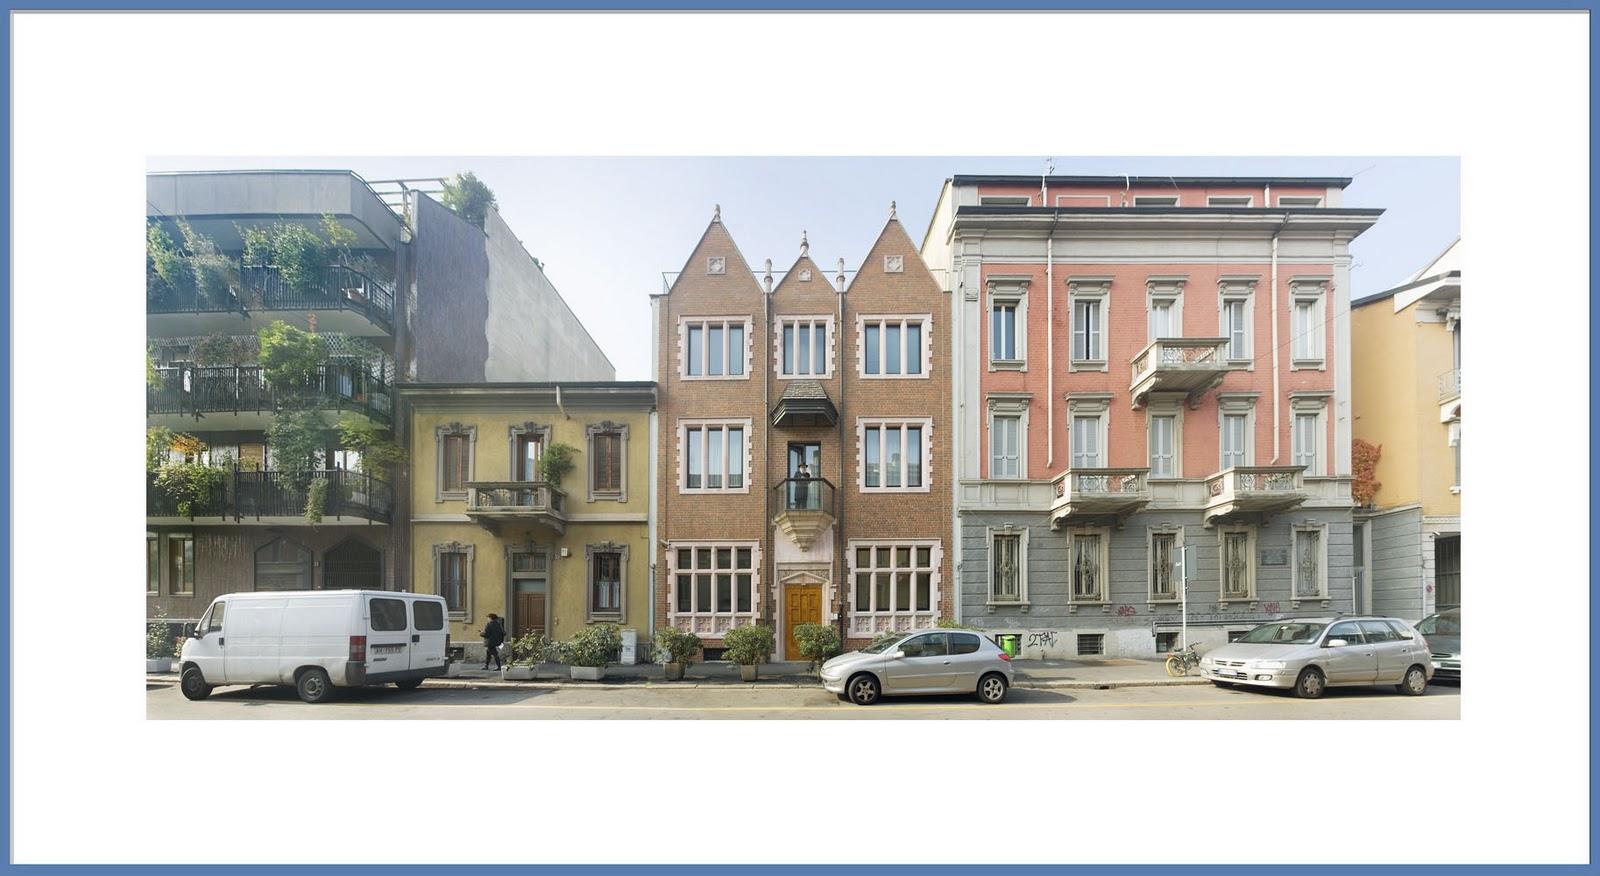 La casa 770 di via poerio urbanfile blog for La casa rosa milano